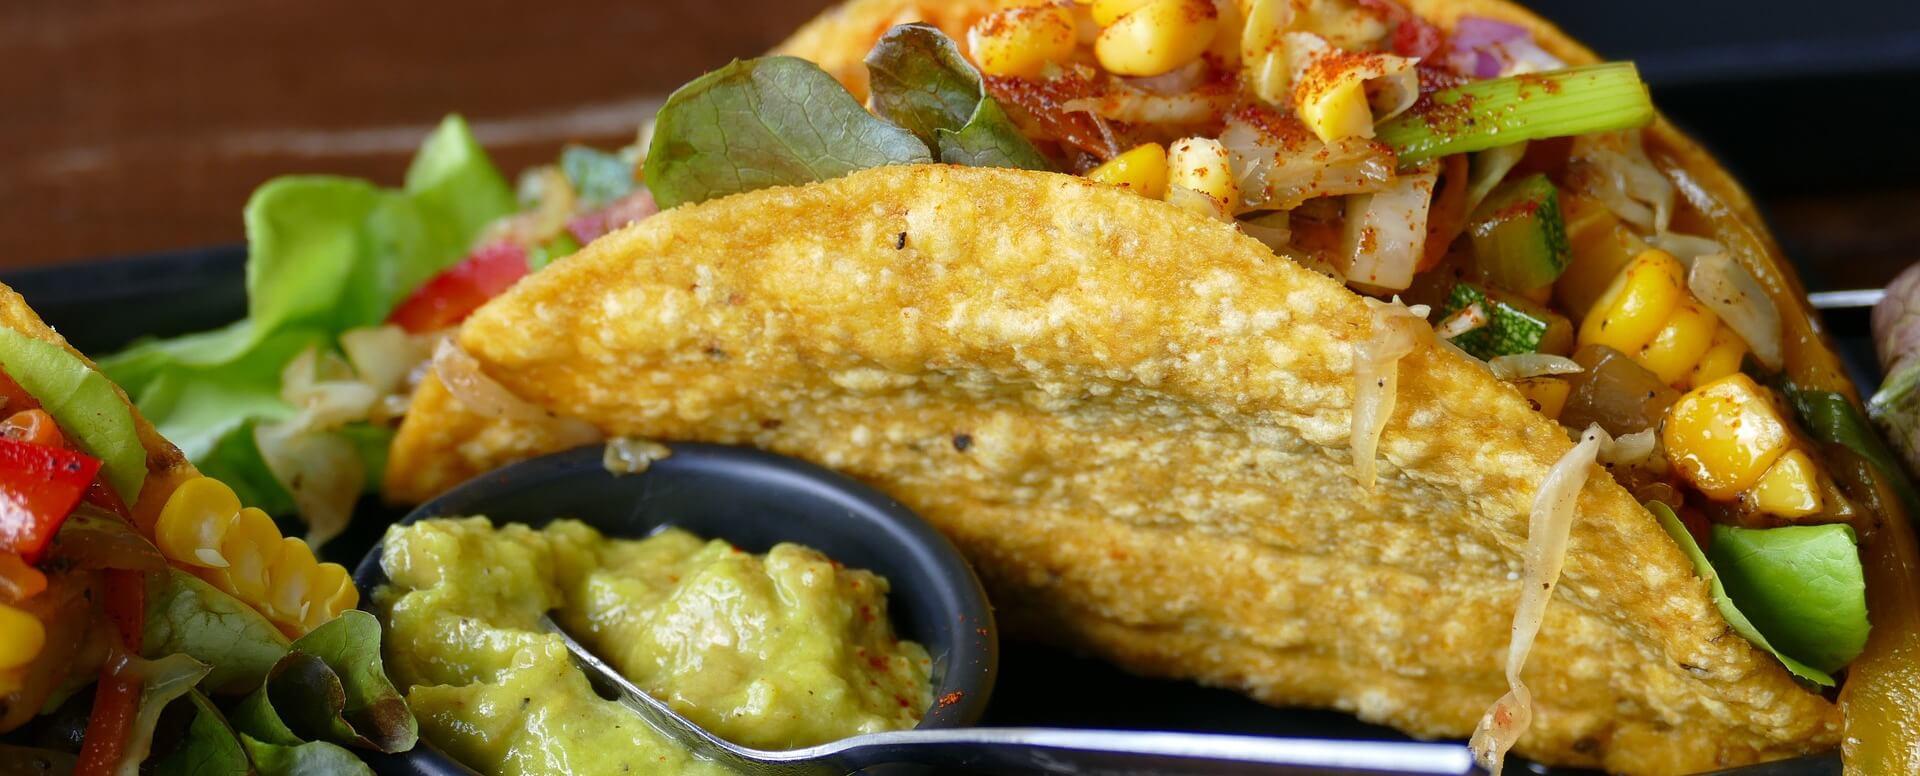 Les spécialités mexicaines - Mexique